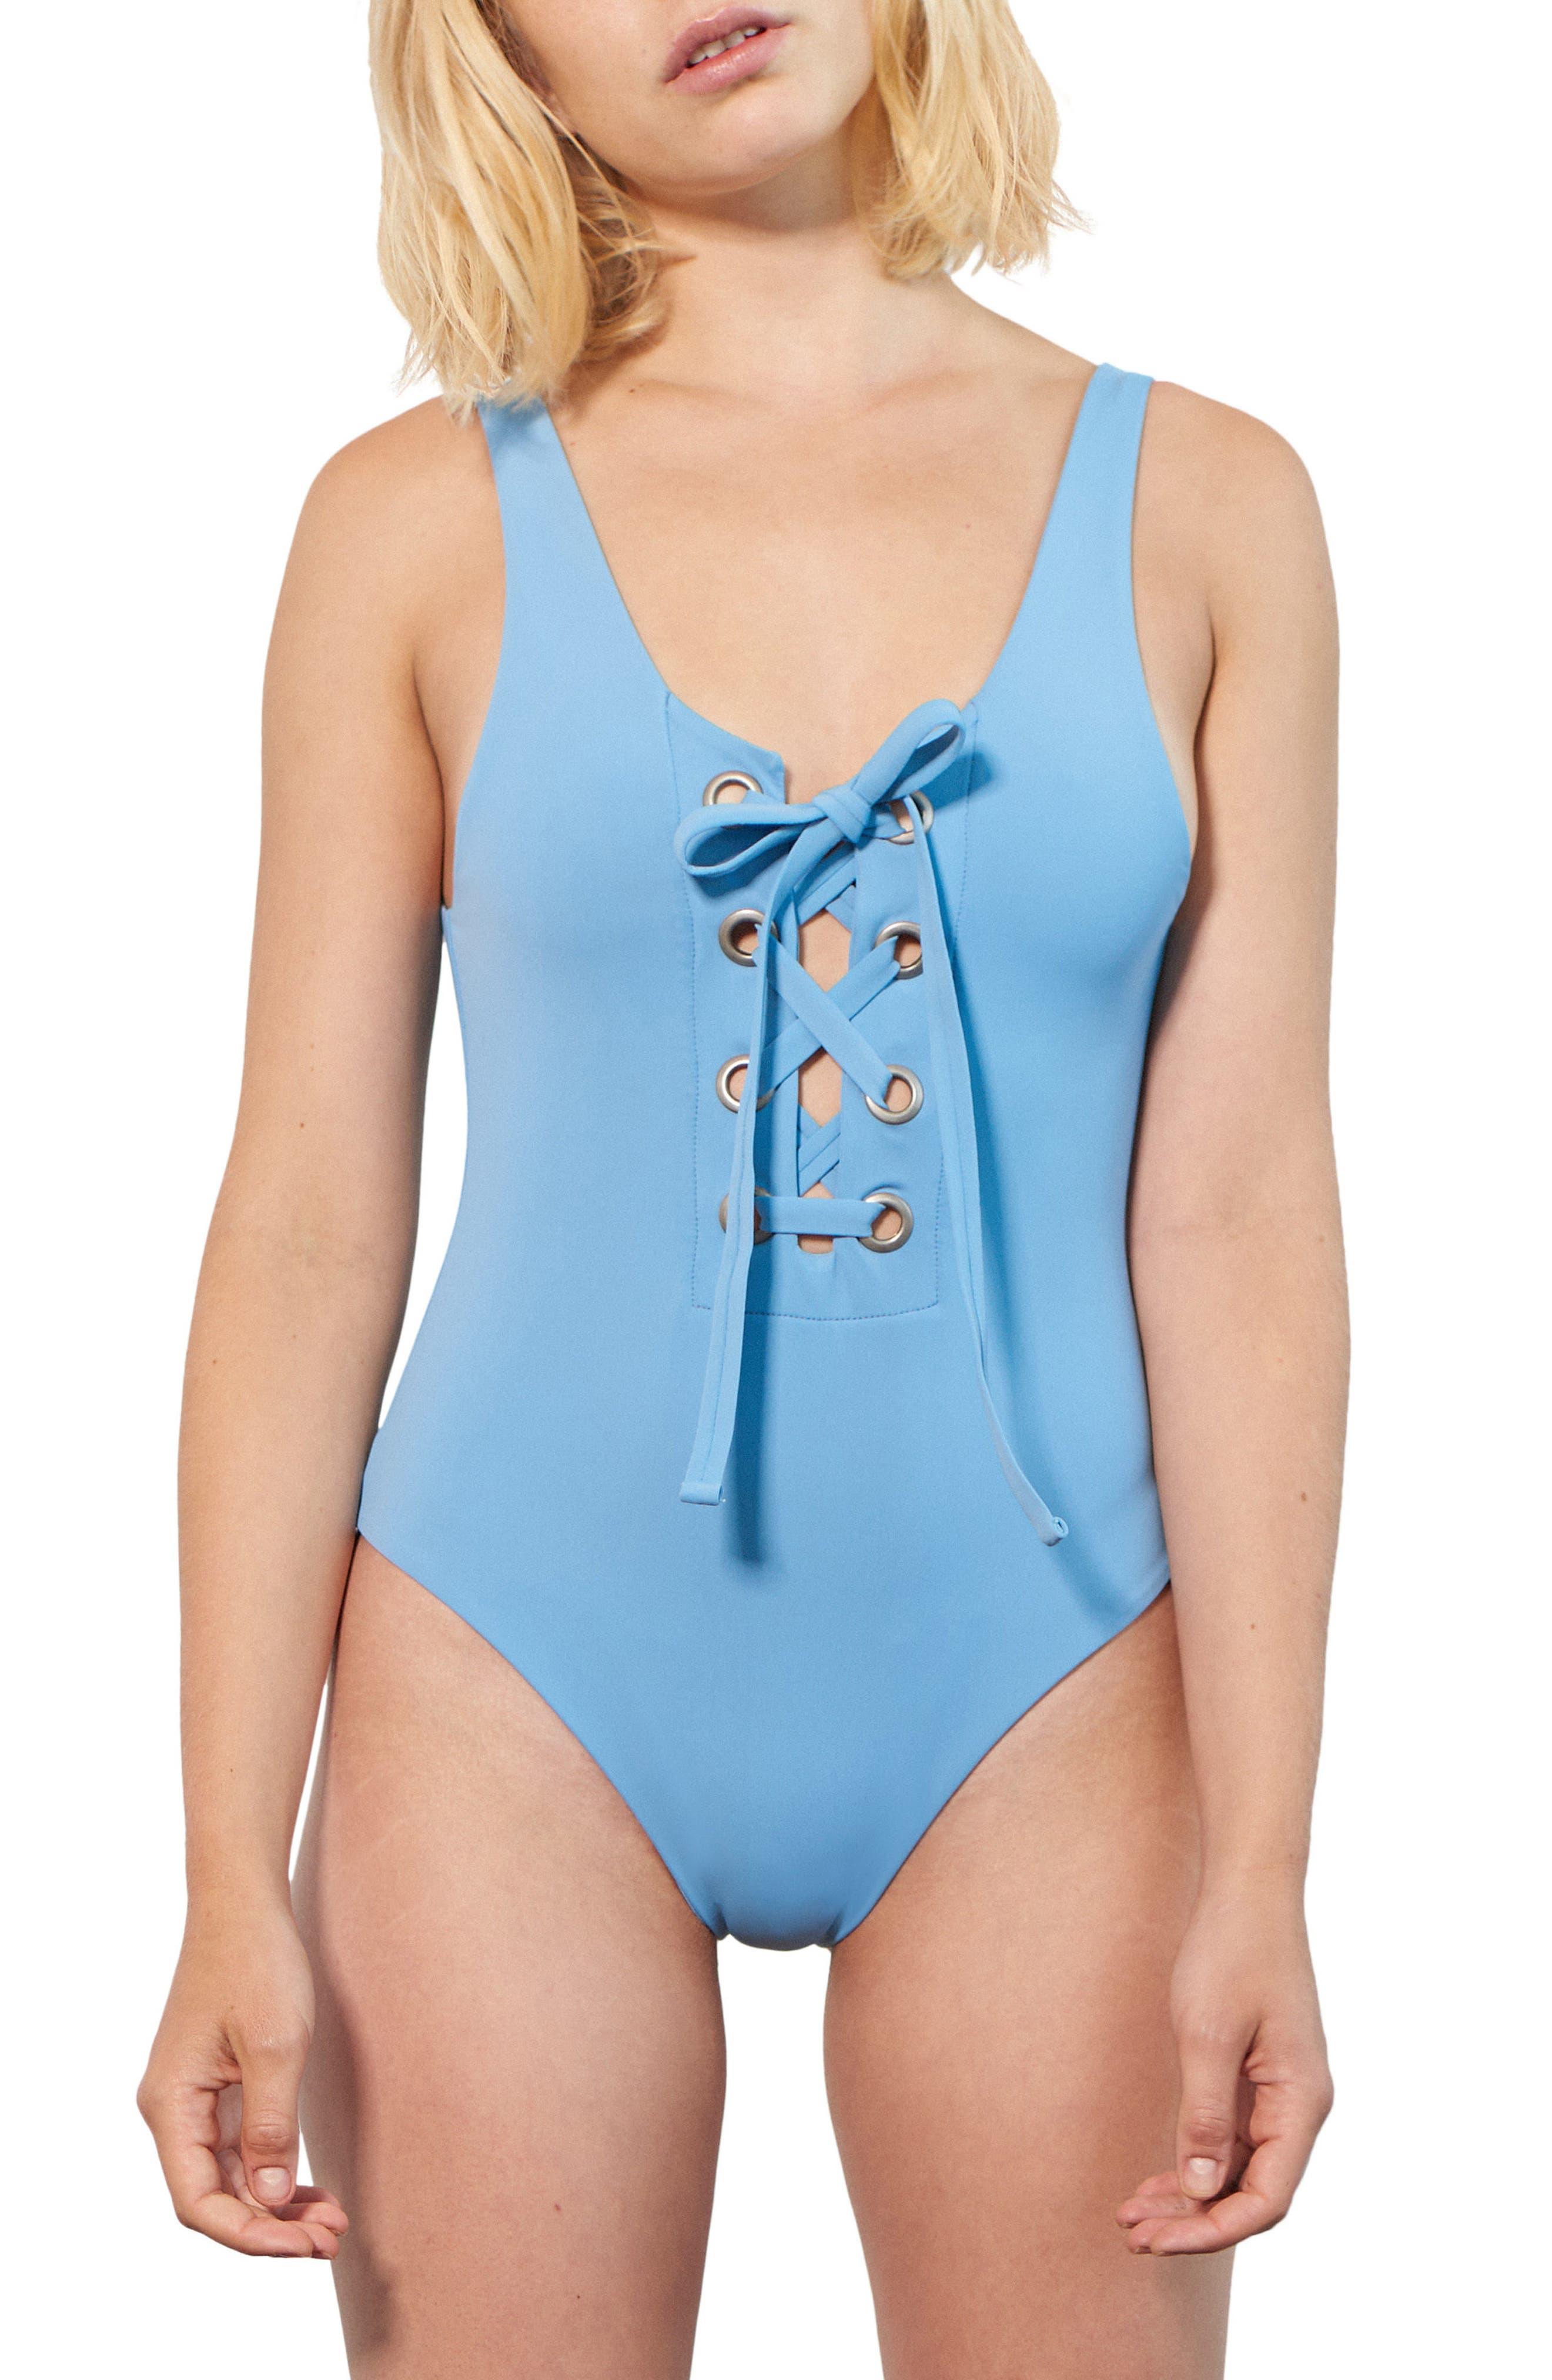 Desa One-Piece Swimsuit,                             Main thumbnail 1, color,                             427